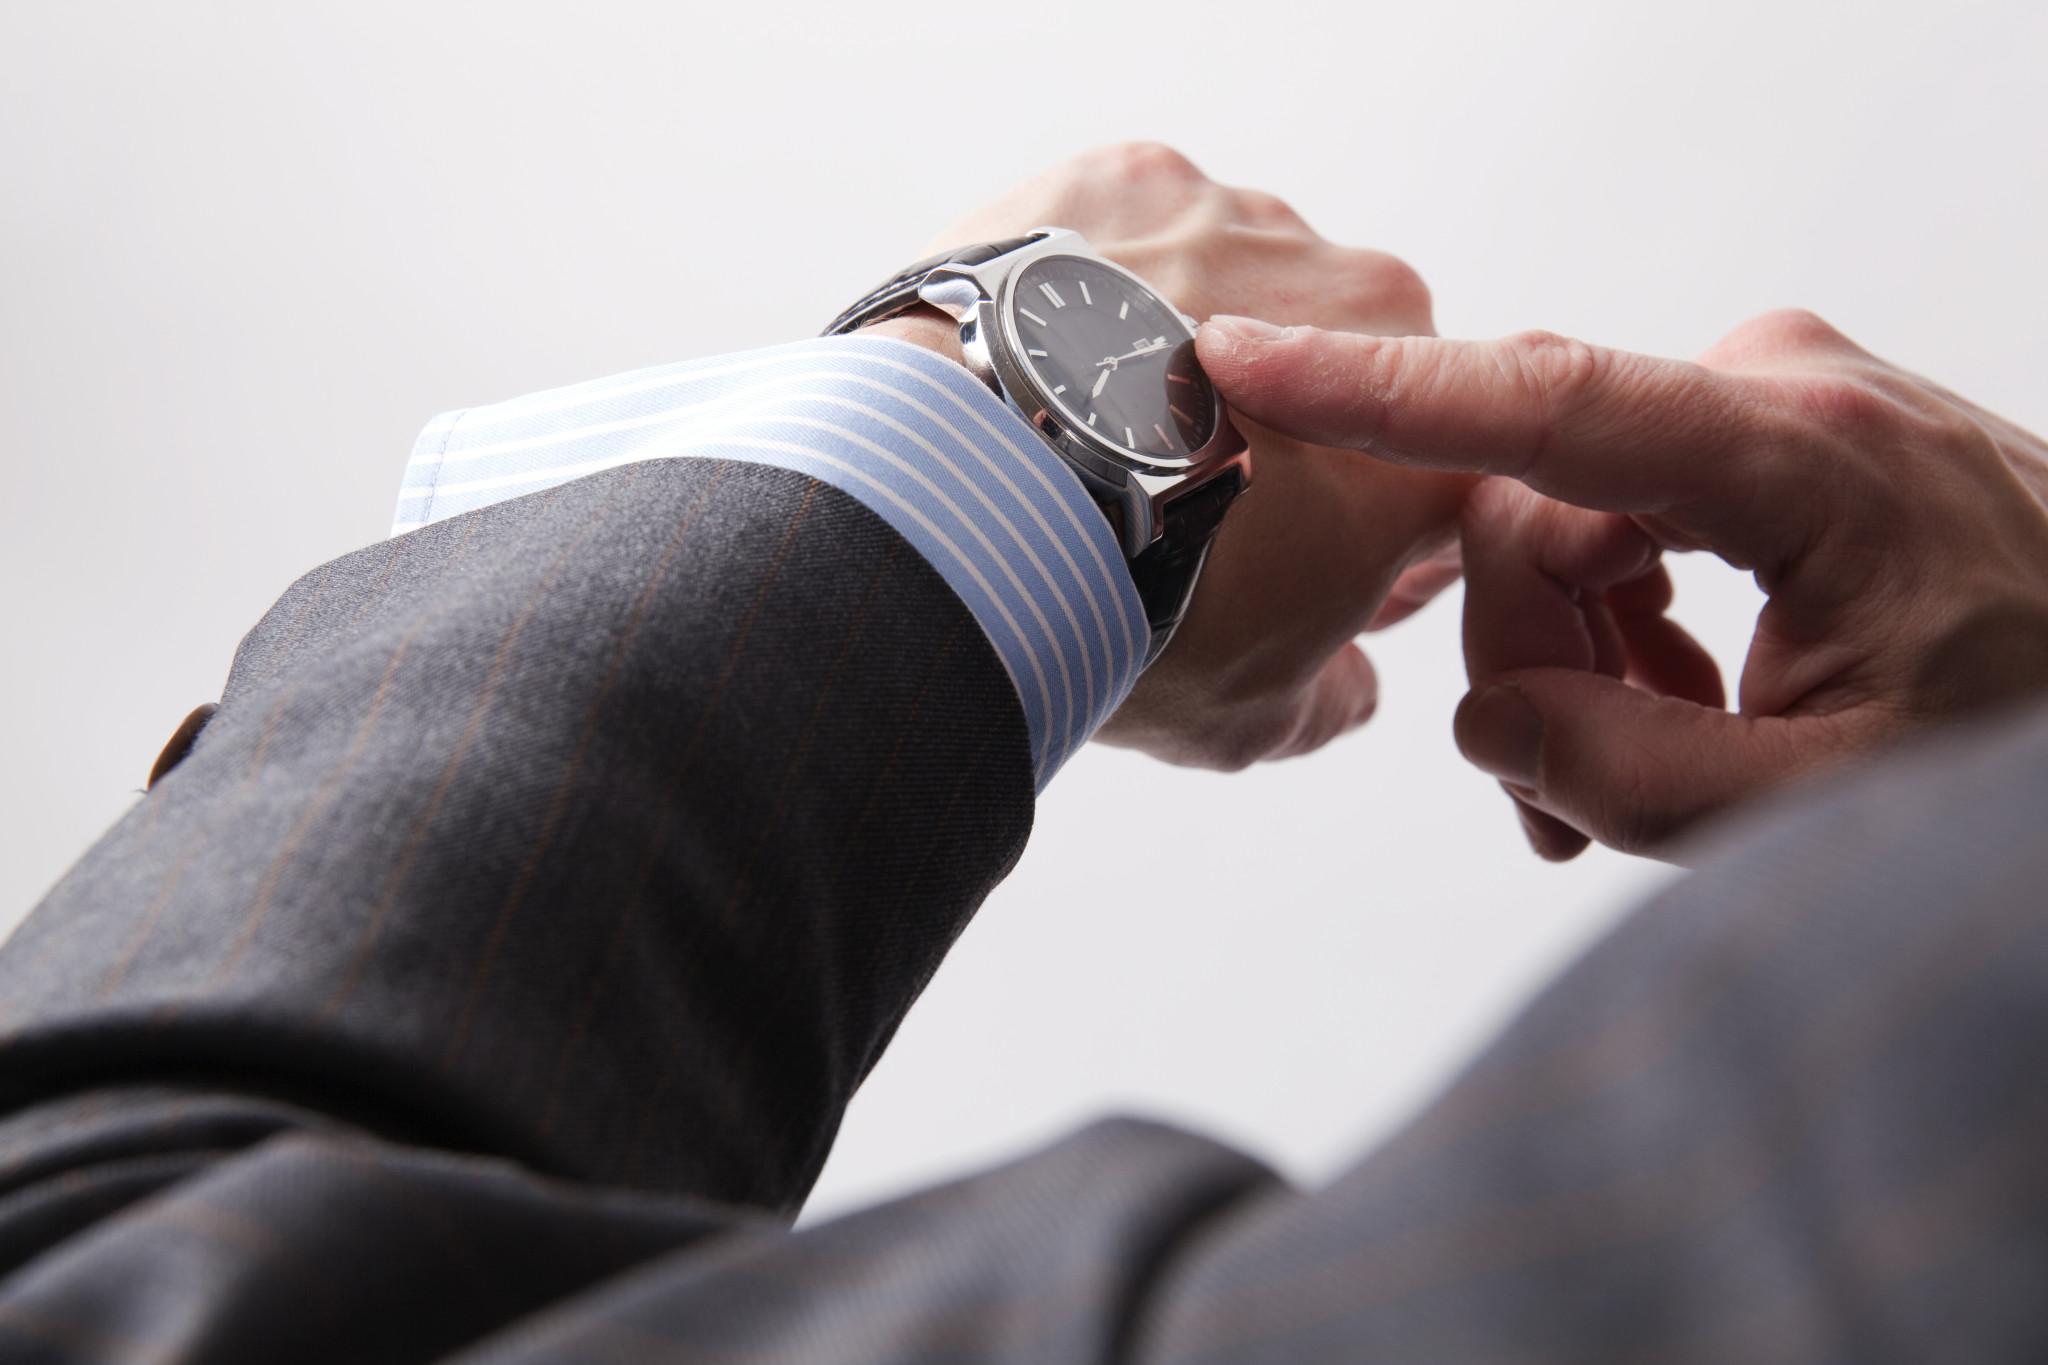 купить браслет для часов rado